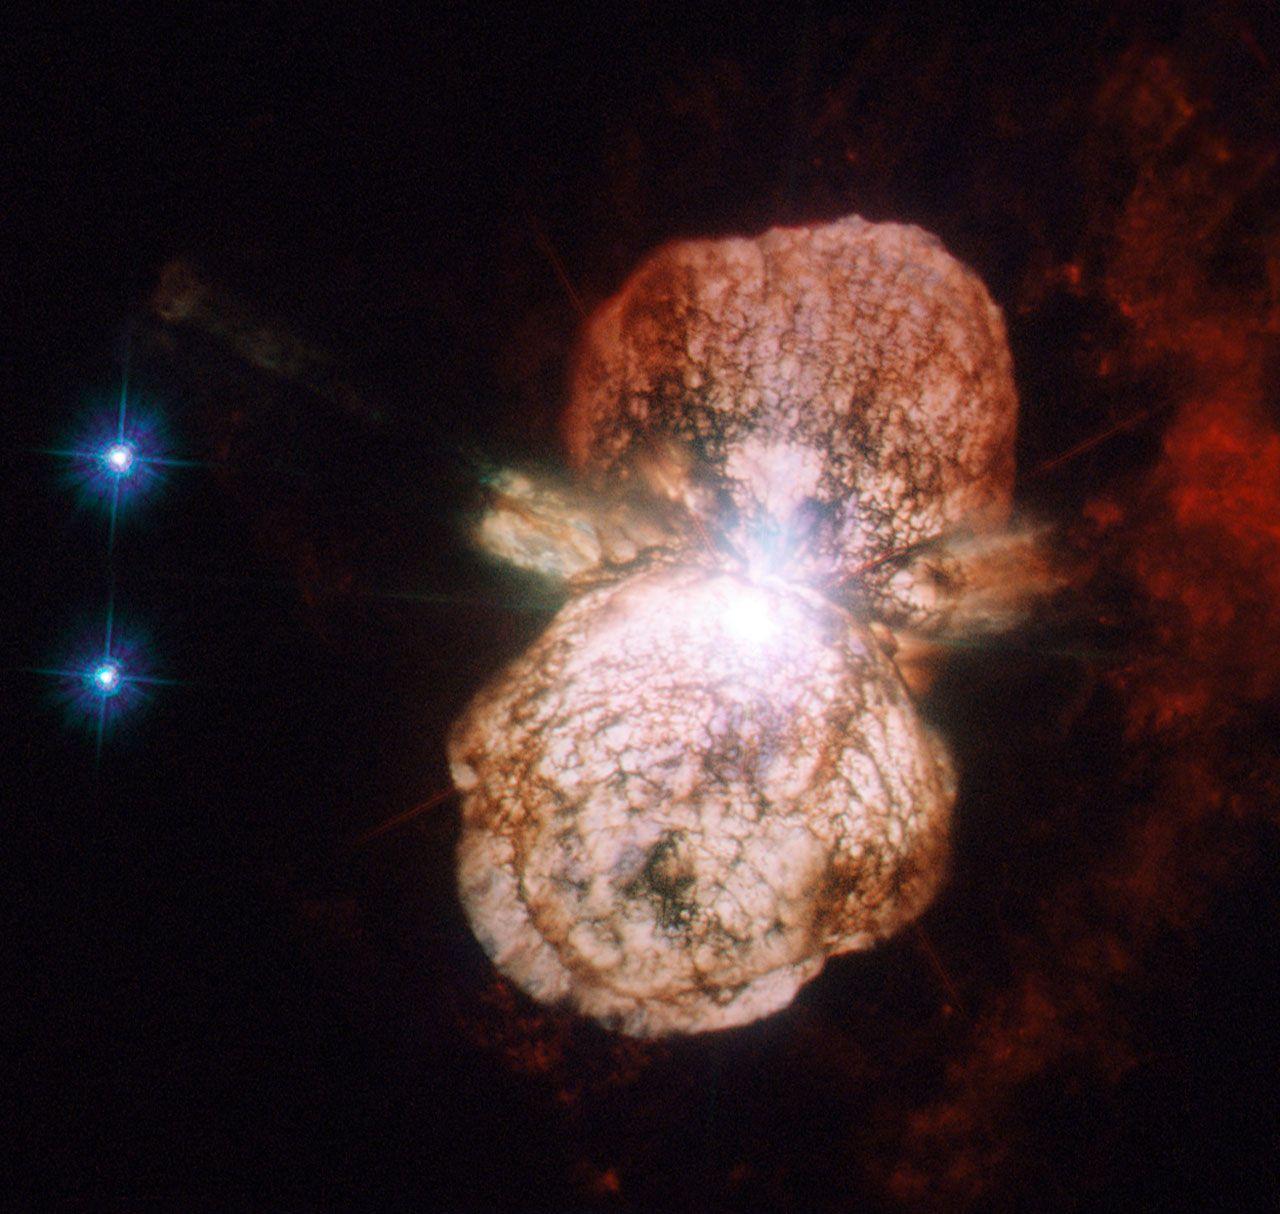 A la vuelta del siglo 19, el sistema binario de estrellas Eta Carinae era débil y mediocre. En las primeras décadas del siglo, se hizo más y más brillante, hasta que, en abril de 1843, fue la segunda estrella más brillante en el cielo, sólo eclipsado por Sirio (que es casi mil veces más cerca de la Tierra). En los años que siguieron, poco a poco atenuado de nuevo y en el siglo 20 fue totalmente invisible para el ojo desnudo. La estrella no ha dejado de variar en brillo desde entonces, y, si…